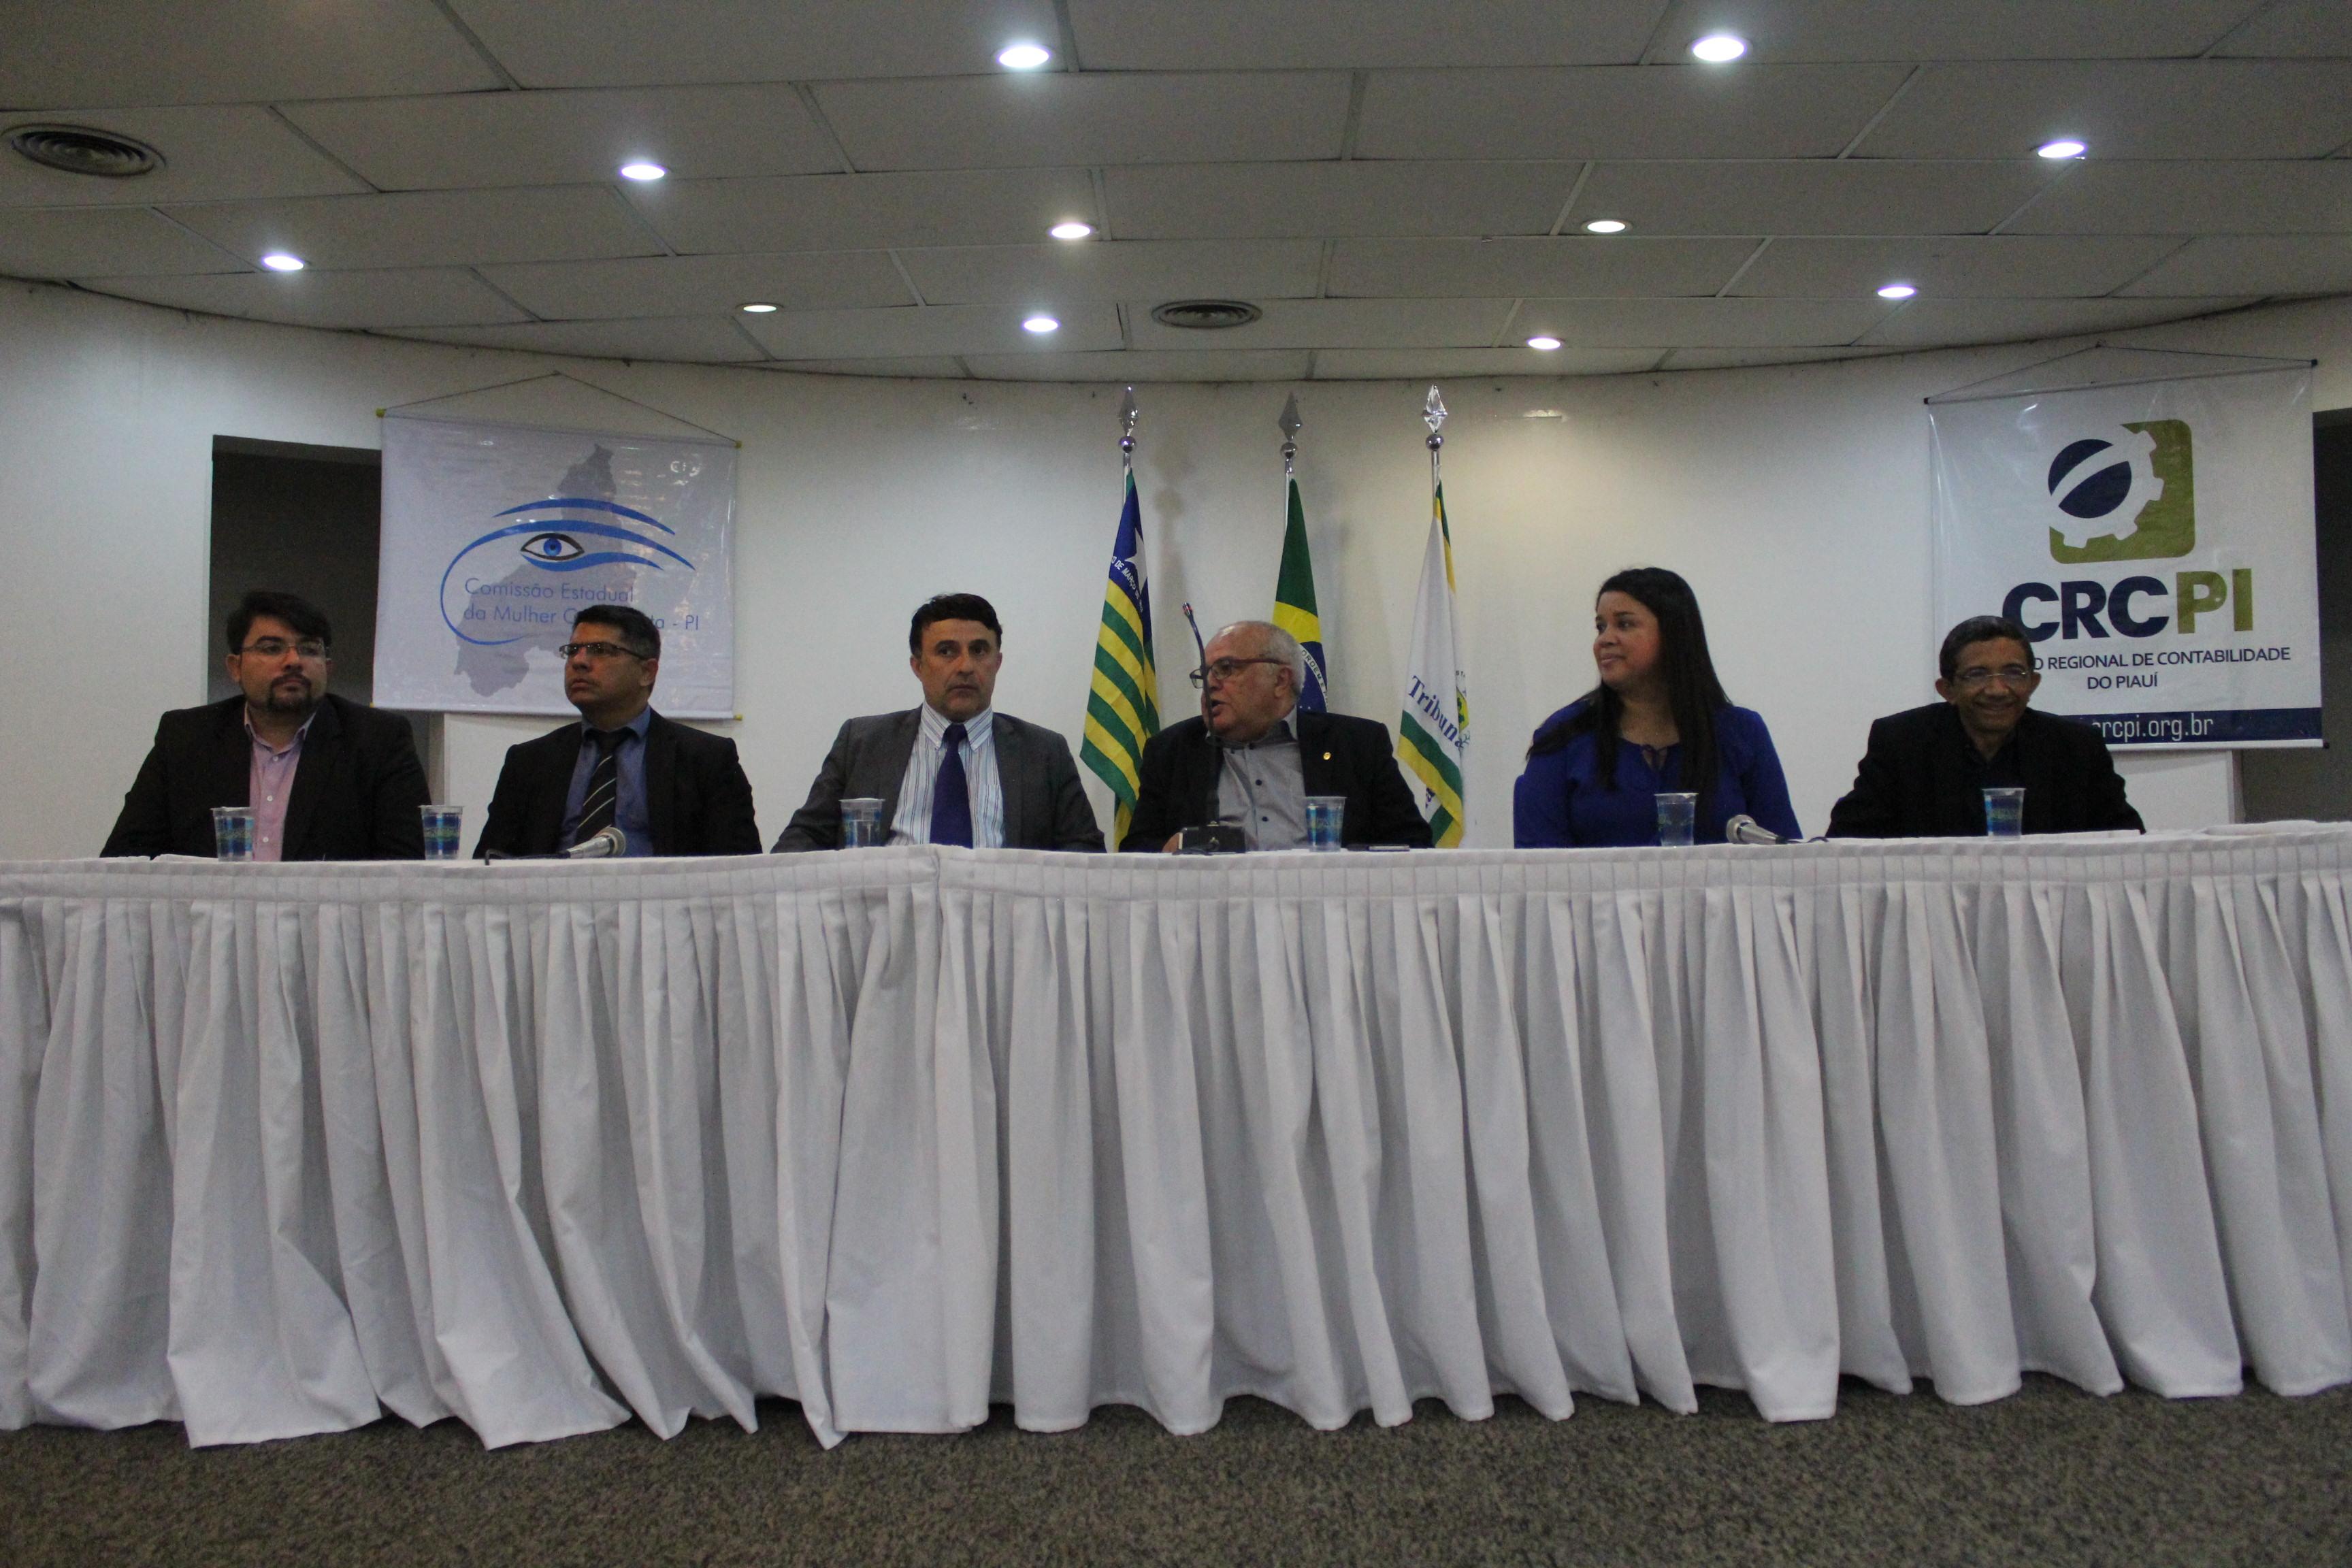 Seminário discute autoria e controle das Contas Públicas em Teresina